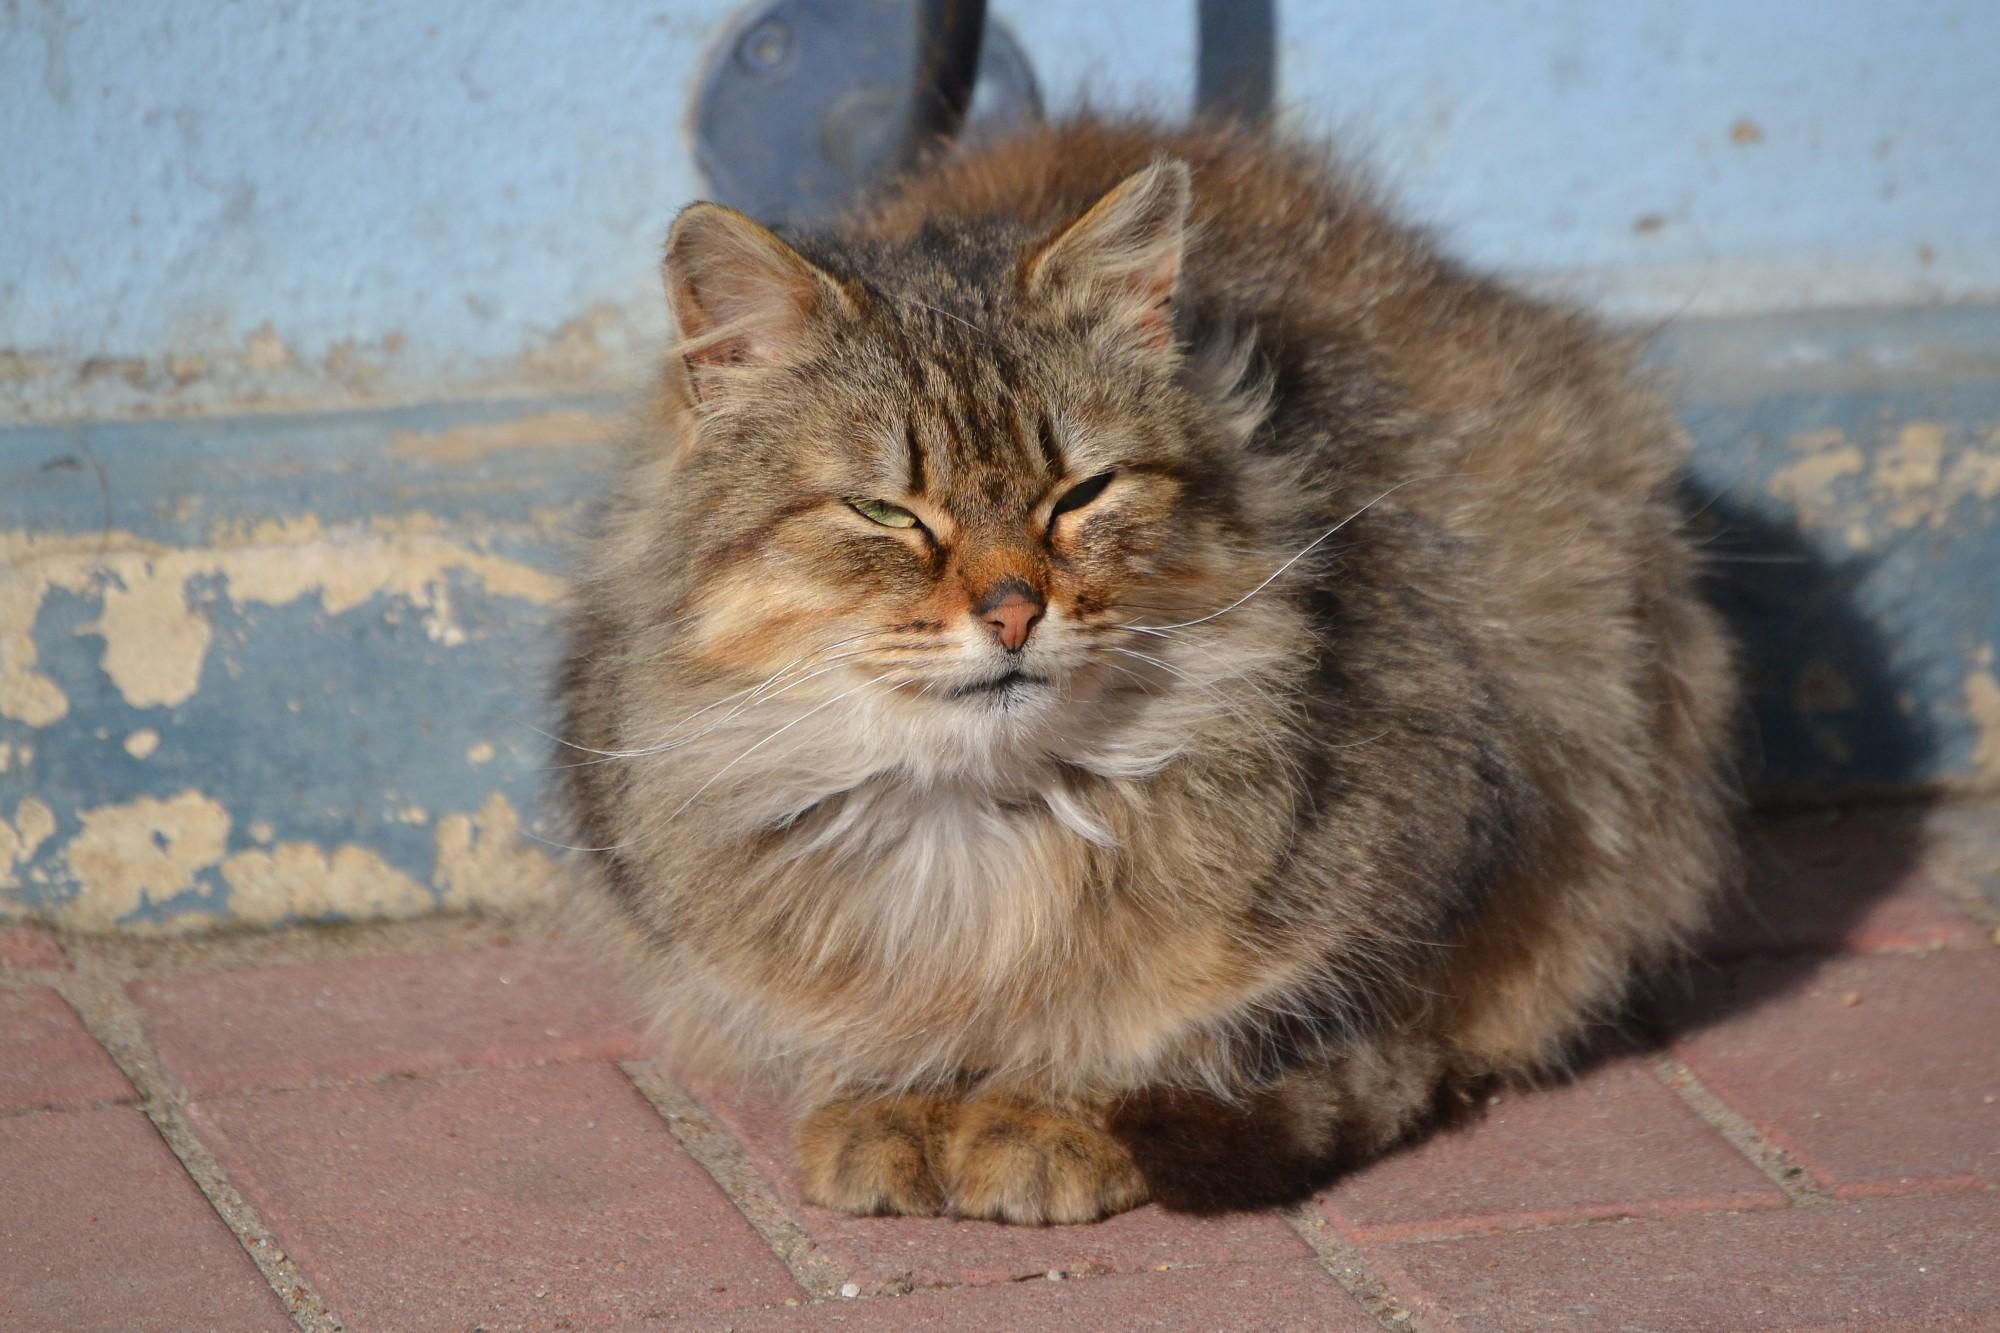 No nojumes nocēla kaķi